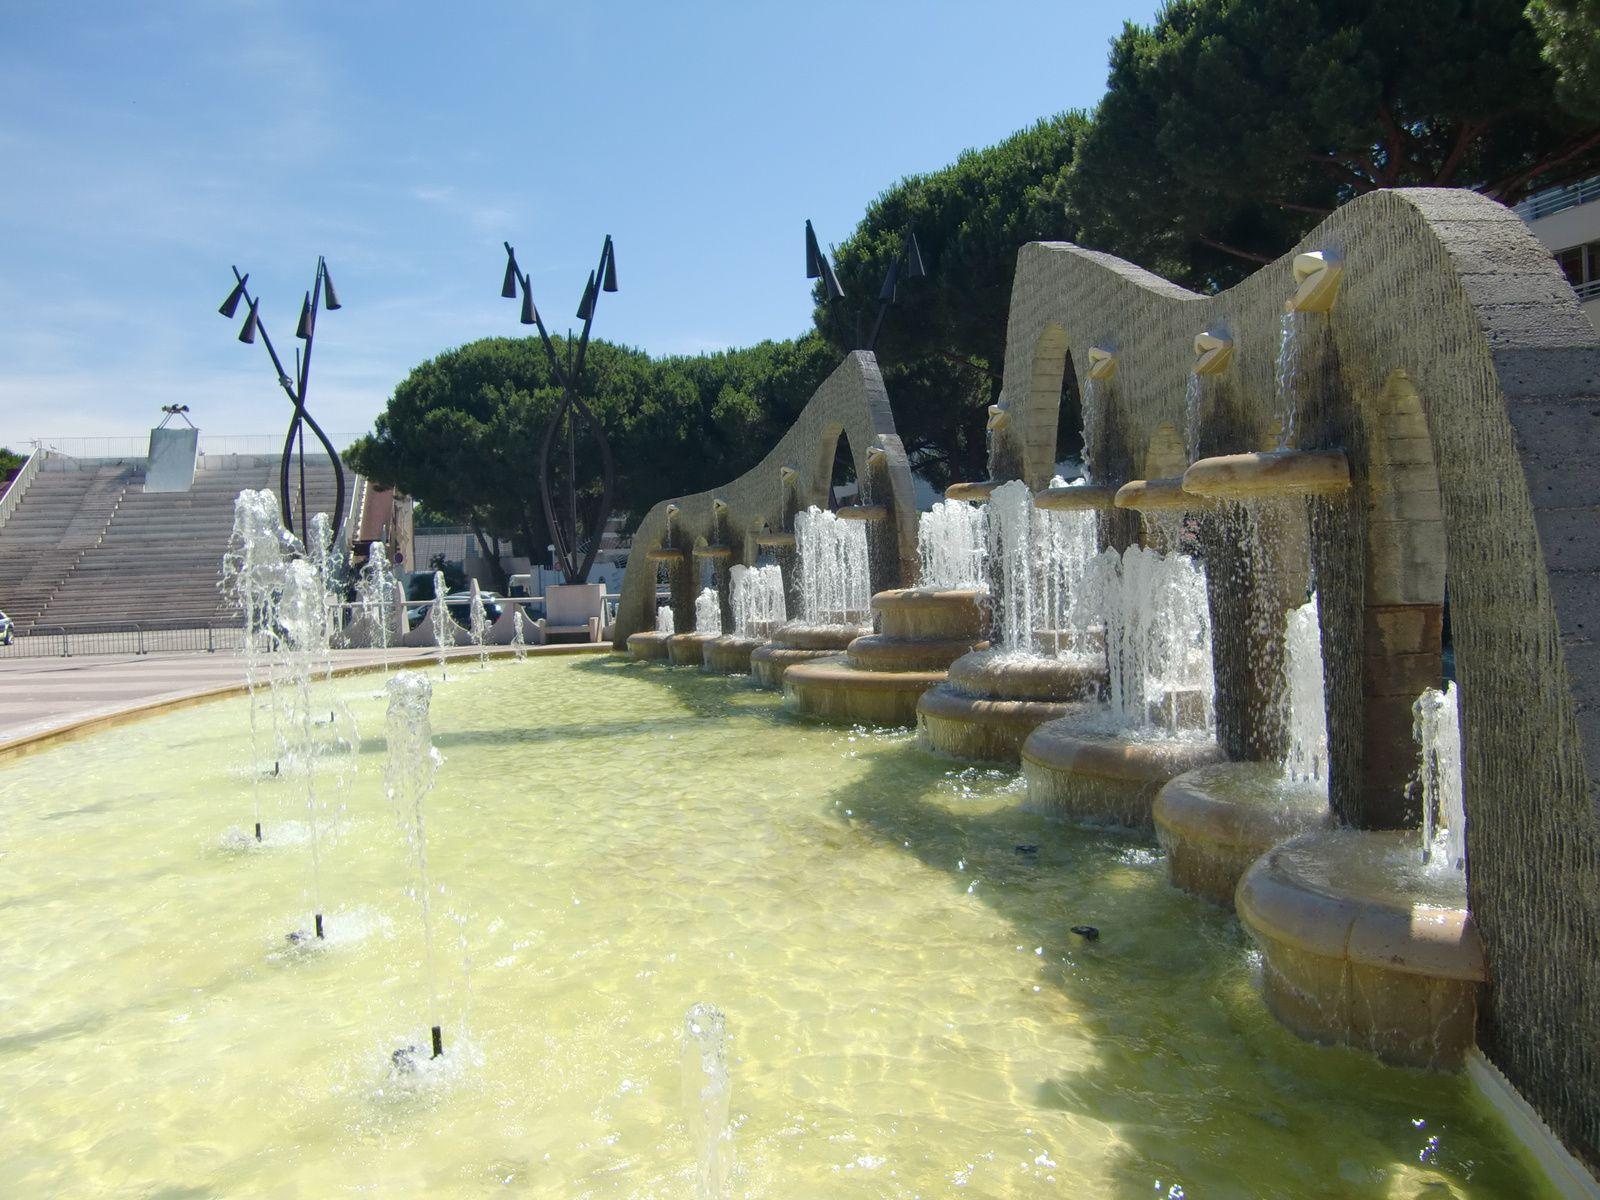 La place de la mairie avec ses superbes fontaines